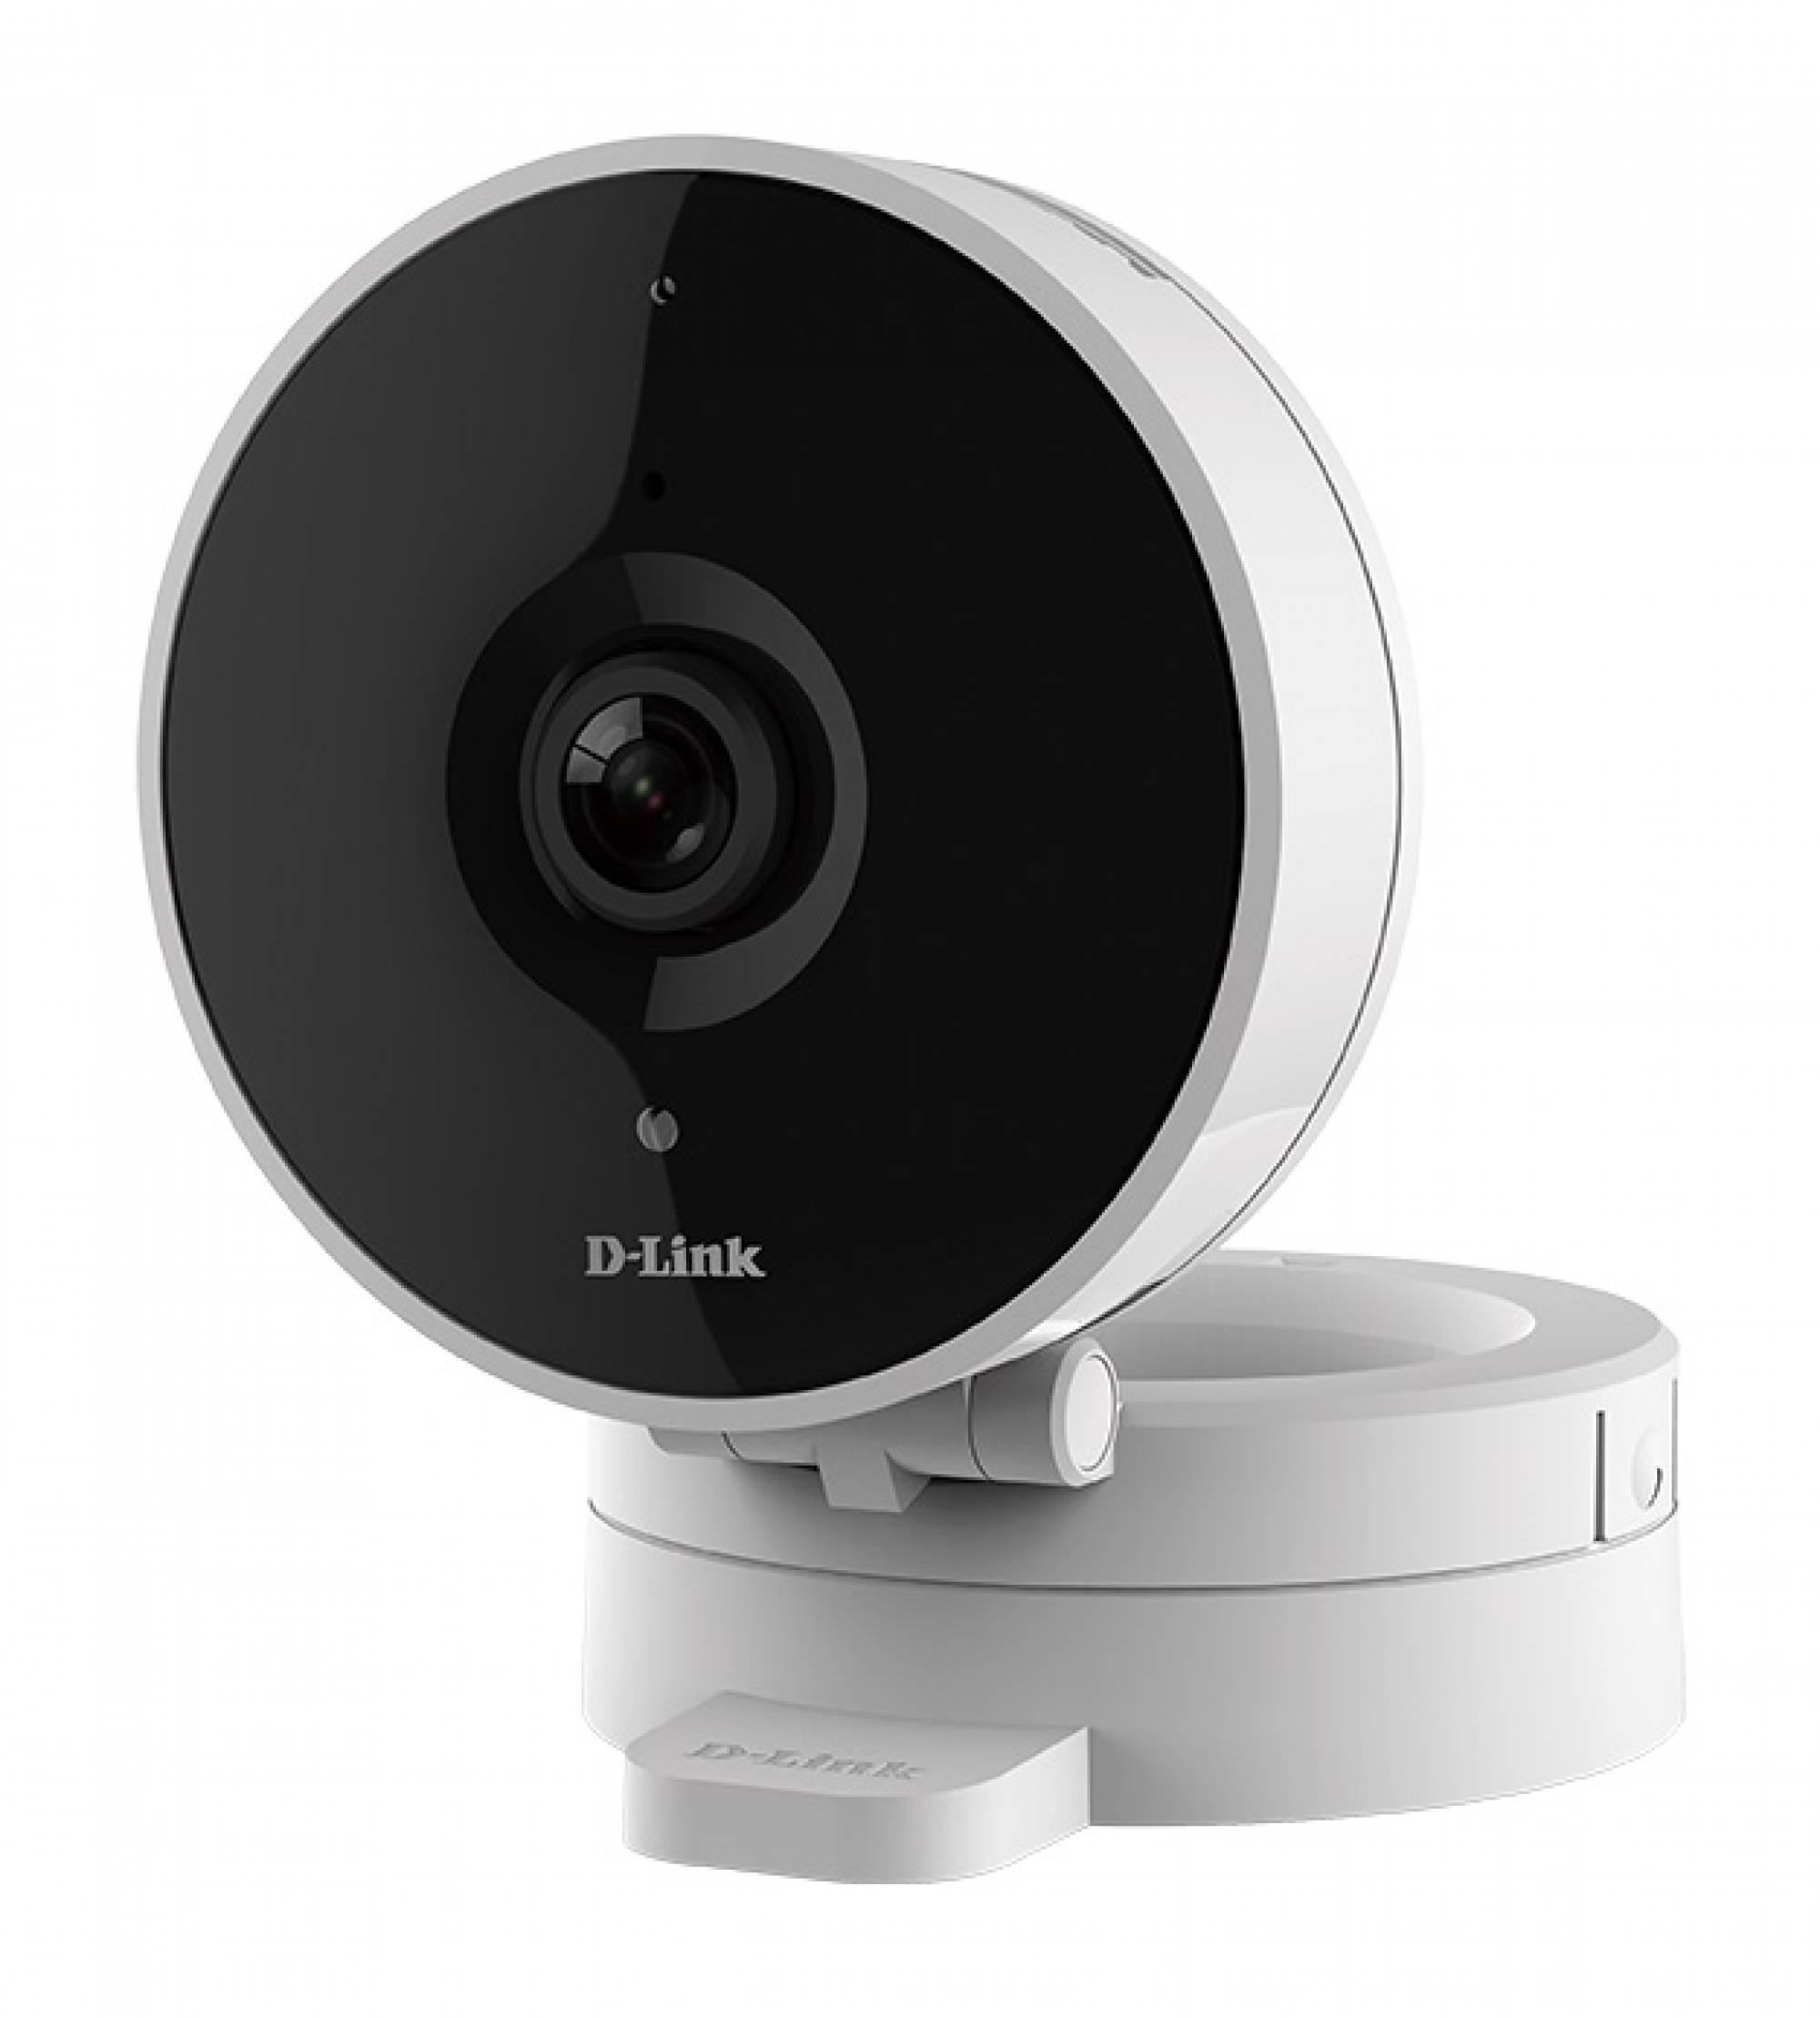 Само едно око не стига: новите камери на D-Link вече са и с нощно виждане